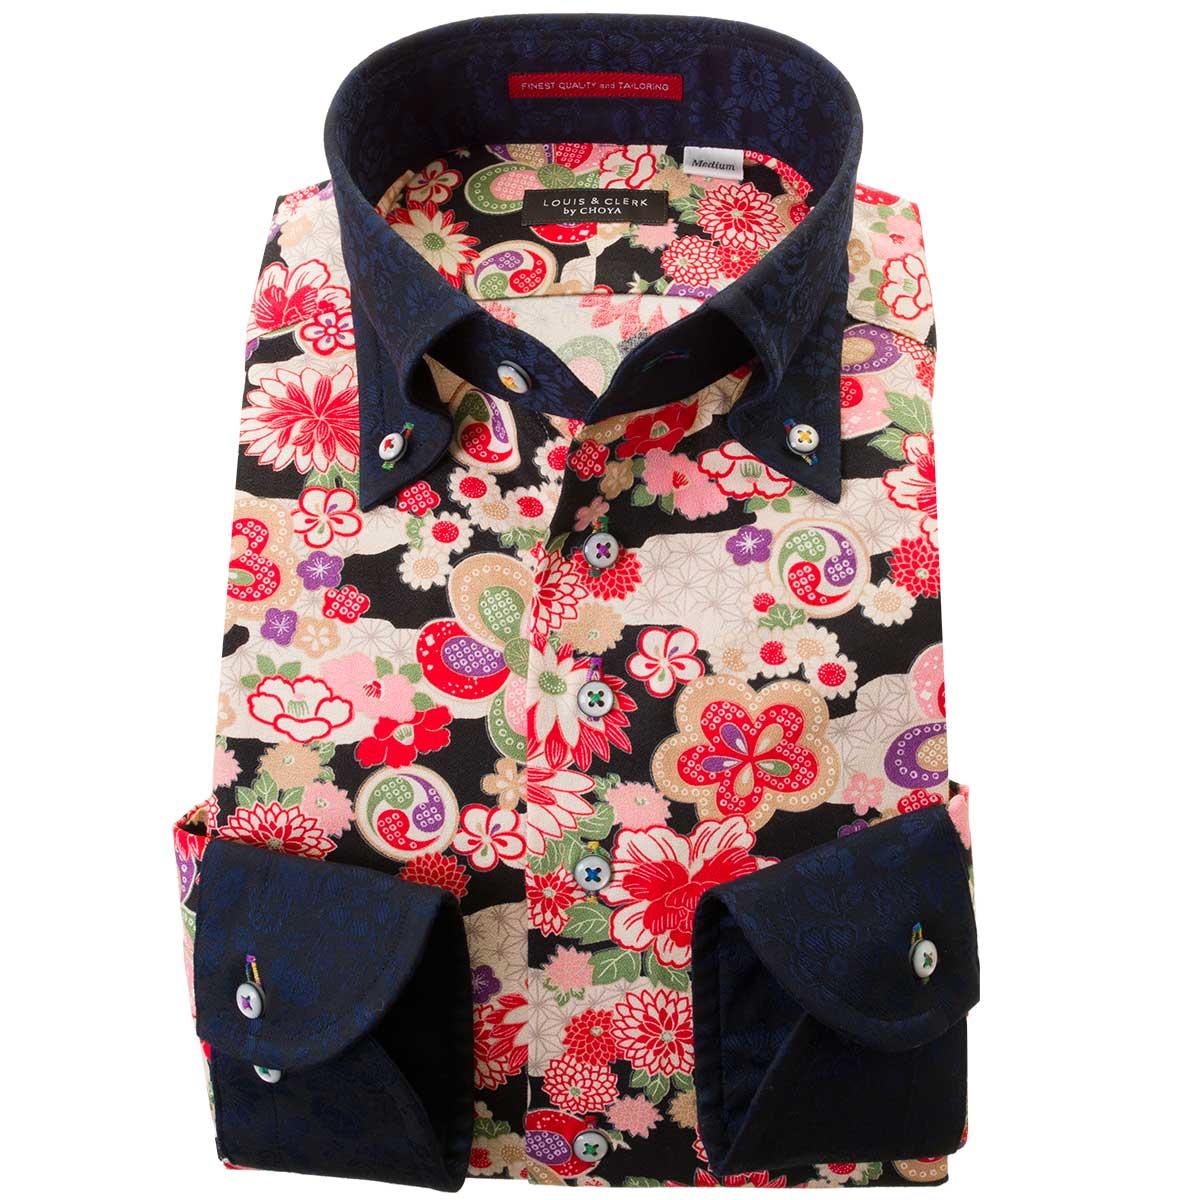 ドレスシャツ ワイシャツ シャツ メンズ 国産 長袖 ボタンダウン ちりめん 胸ポケット無 着丈短め 和柄生地プリント 着物 濃色生地クレリック